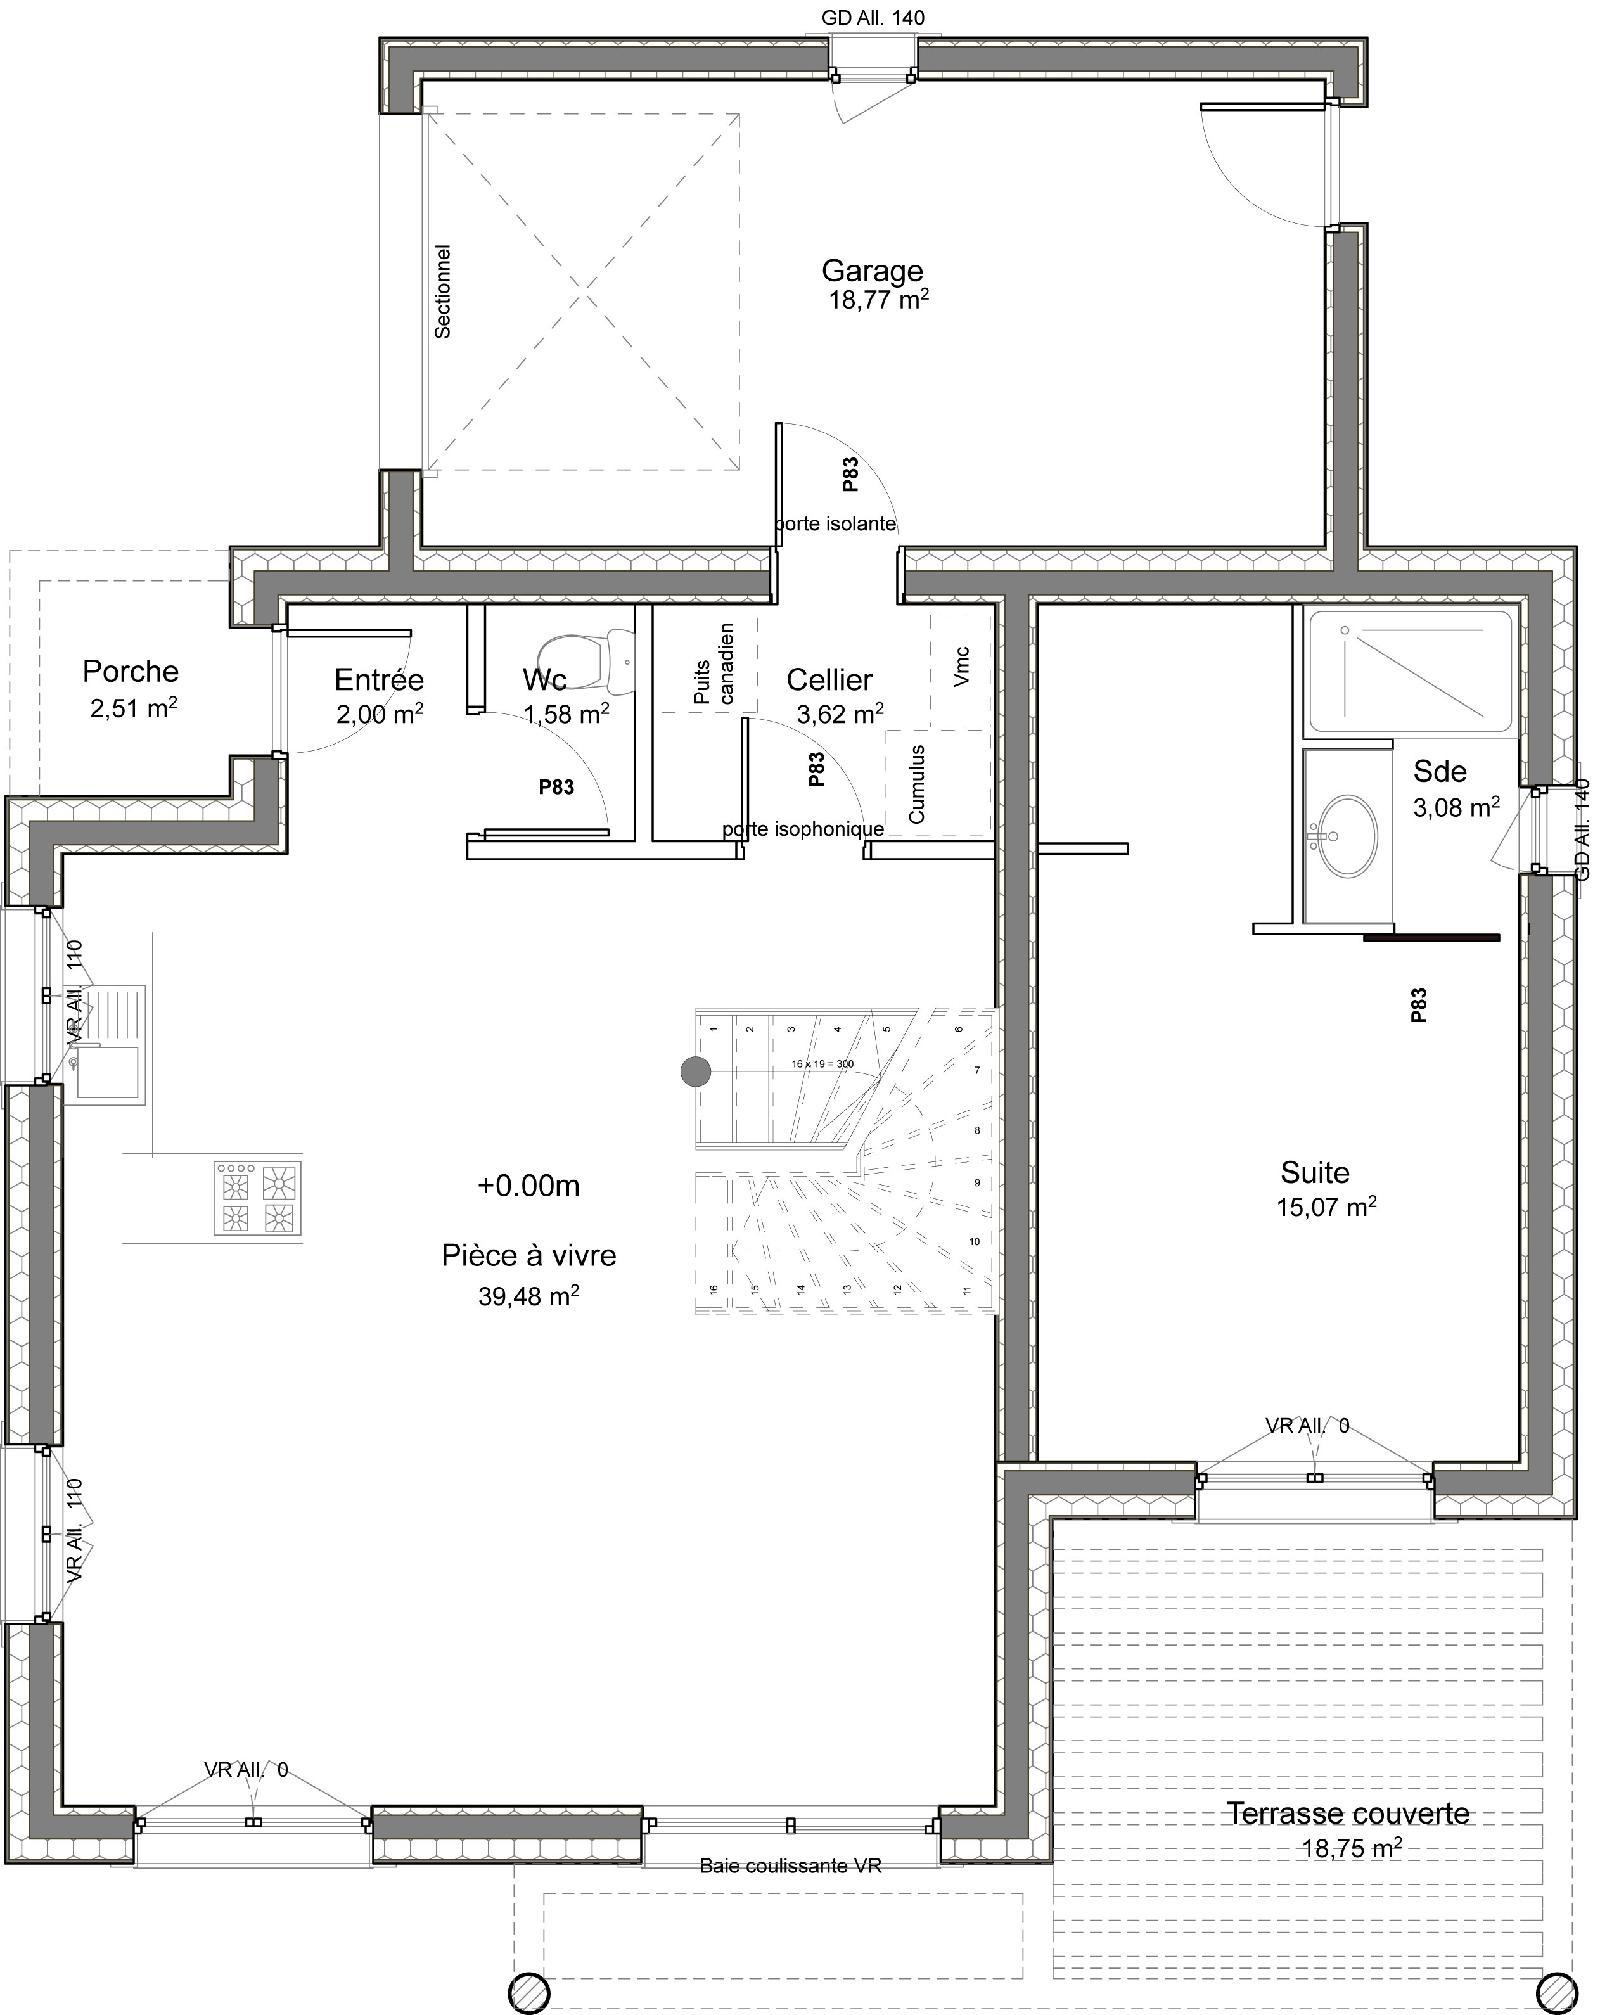 Casa de dos plantas 4 dormitorios y 109 metros cuadrados for Dormitorio 12 metros cuadrados